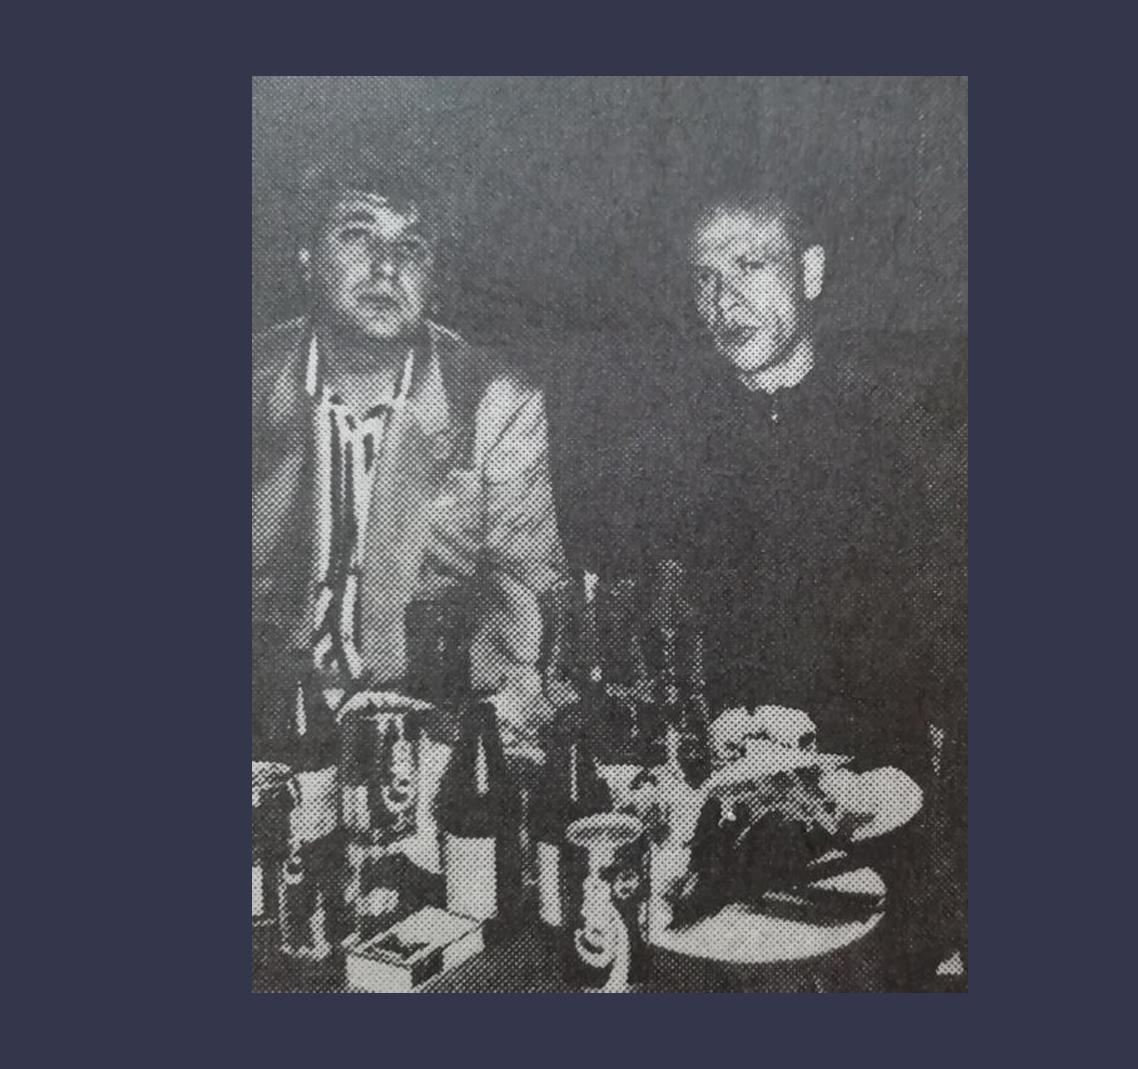 """""""Старая гвардия"""" — слева Вася Бандит, справа Шурик Захар. Фото ©Primecrime.ru"""